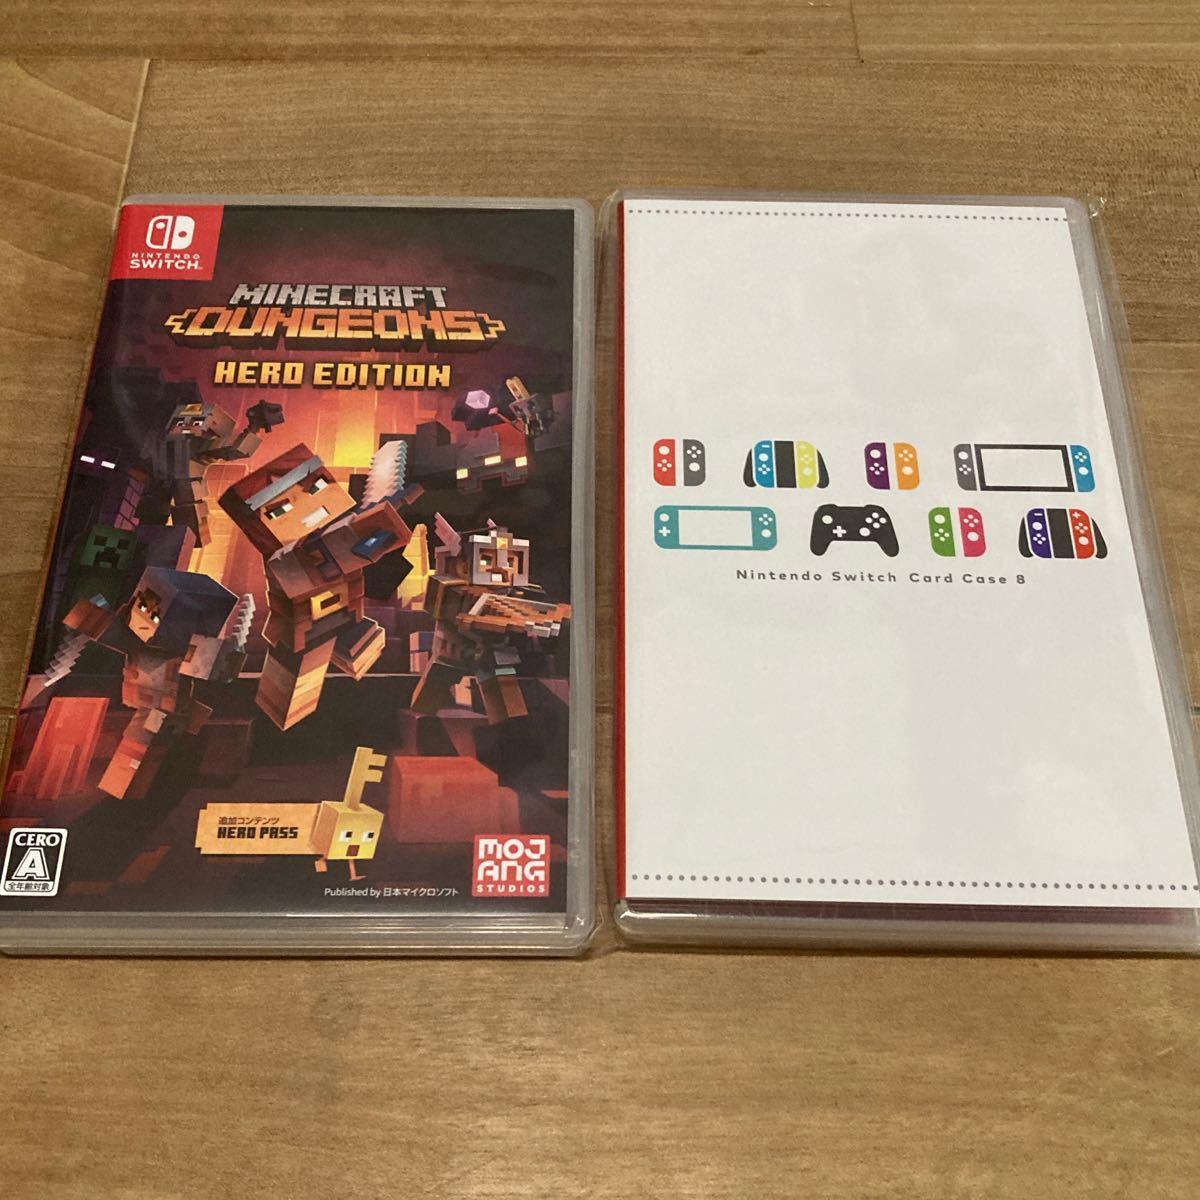 Switchソフト マインクラフトダンジョンズ Nintendo Switch Card ケース 8